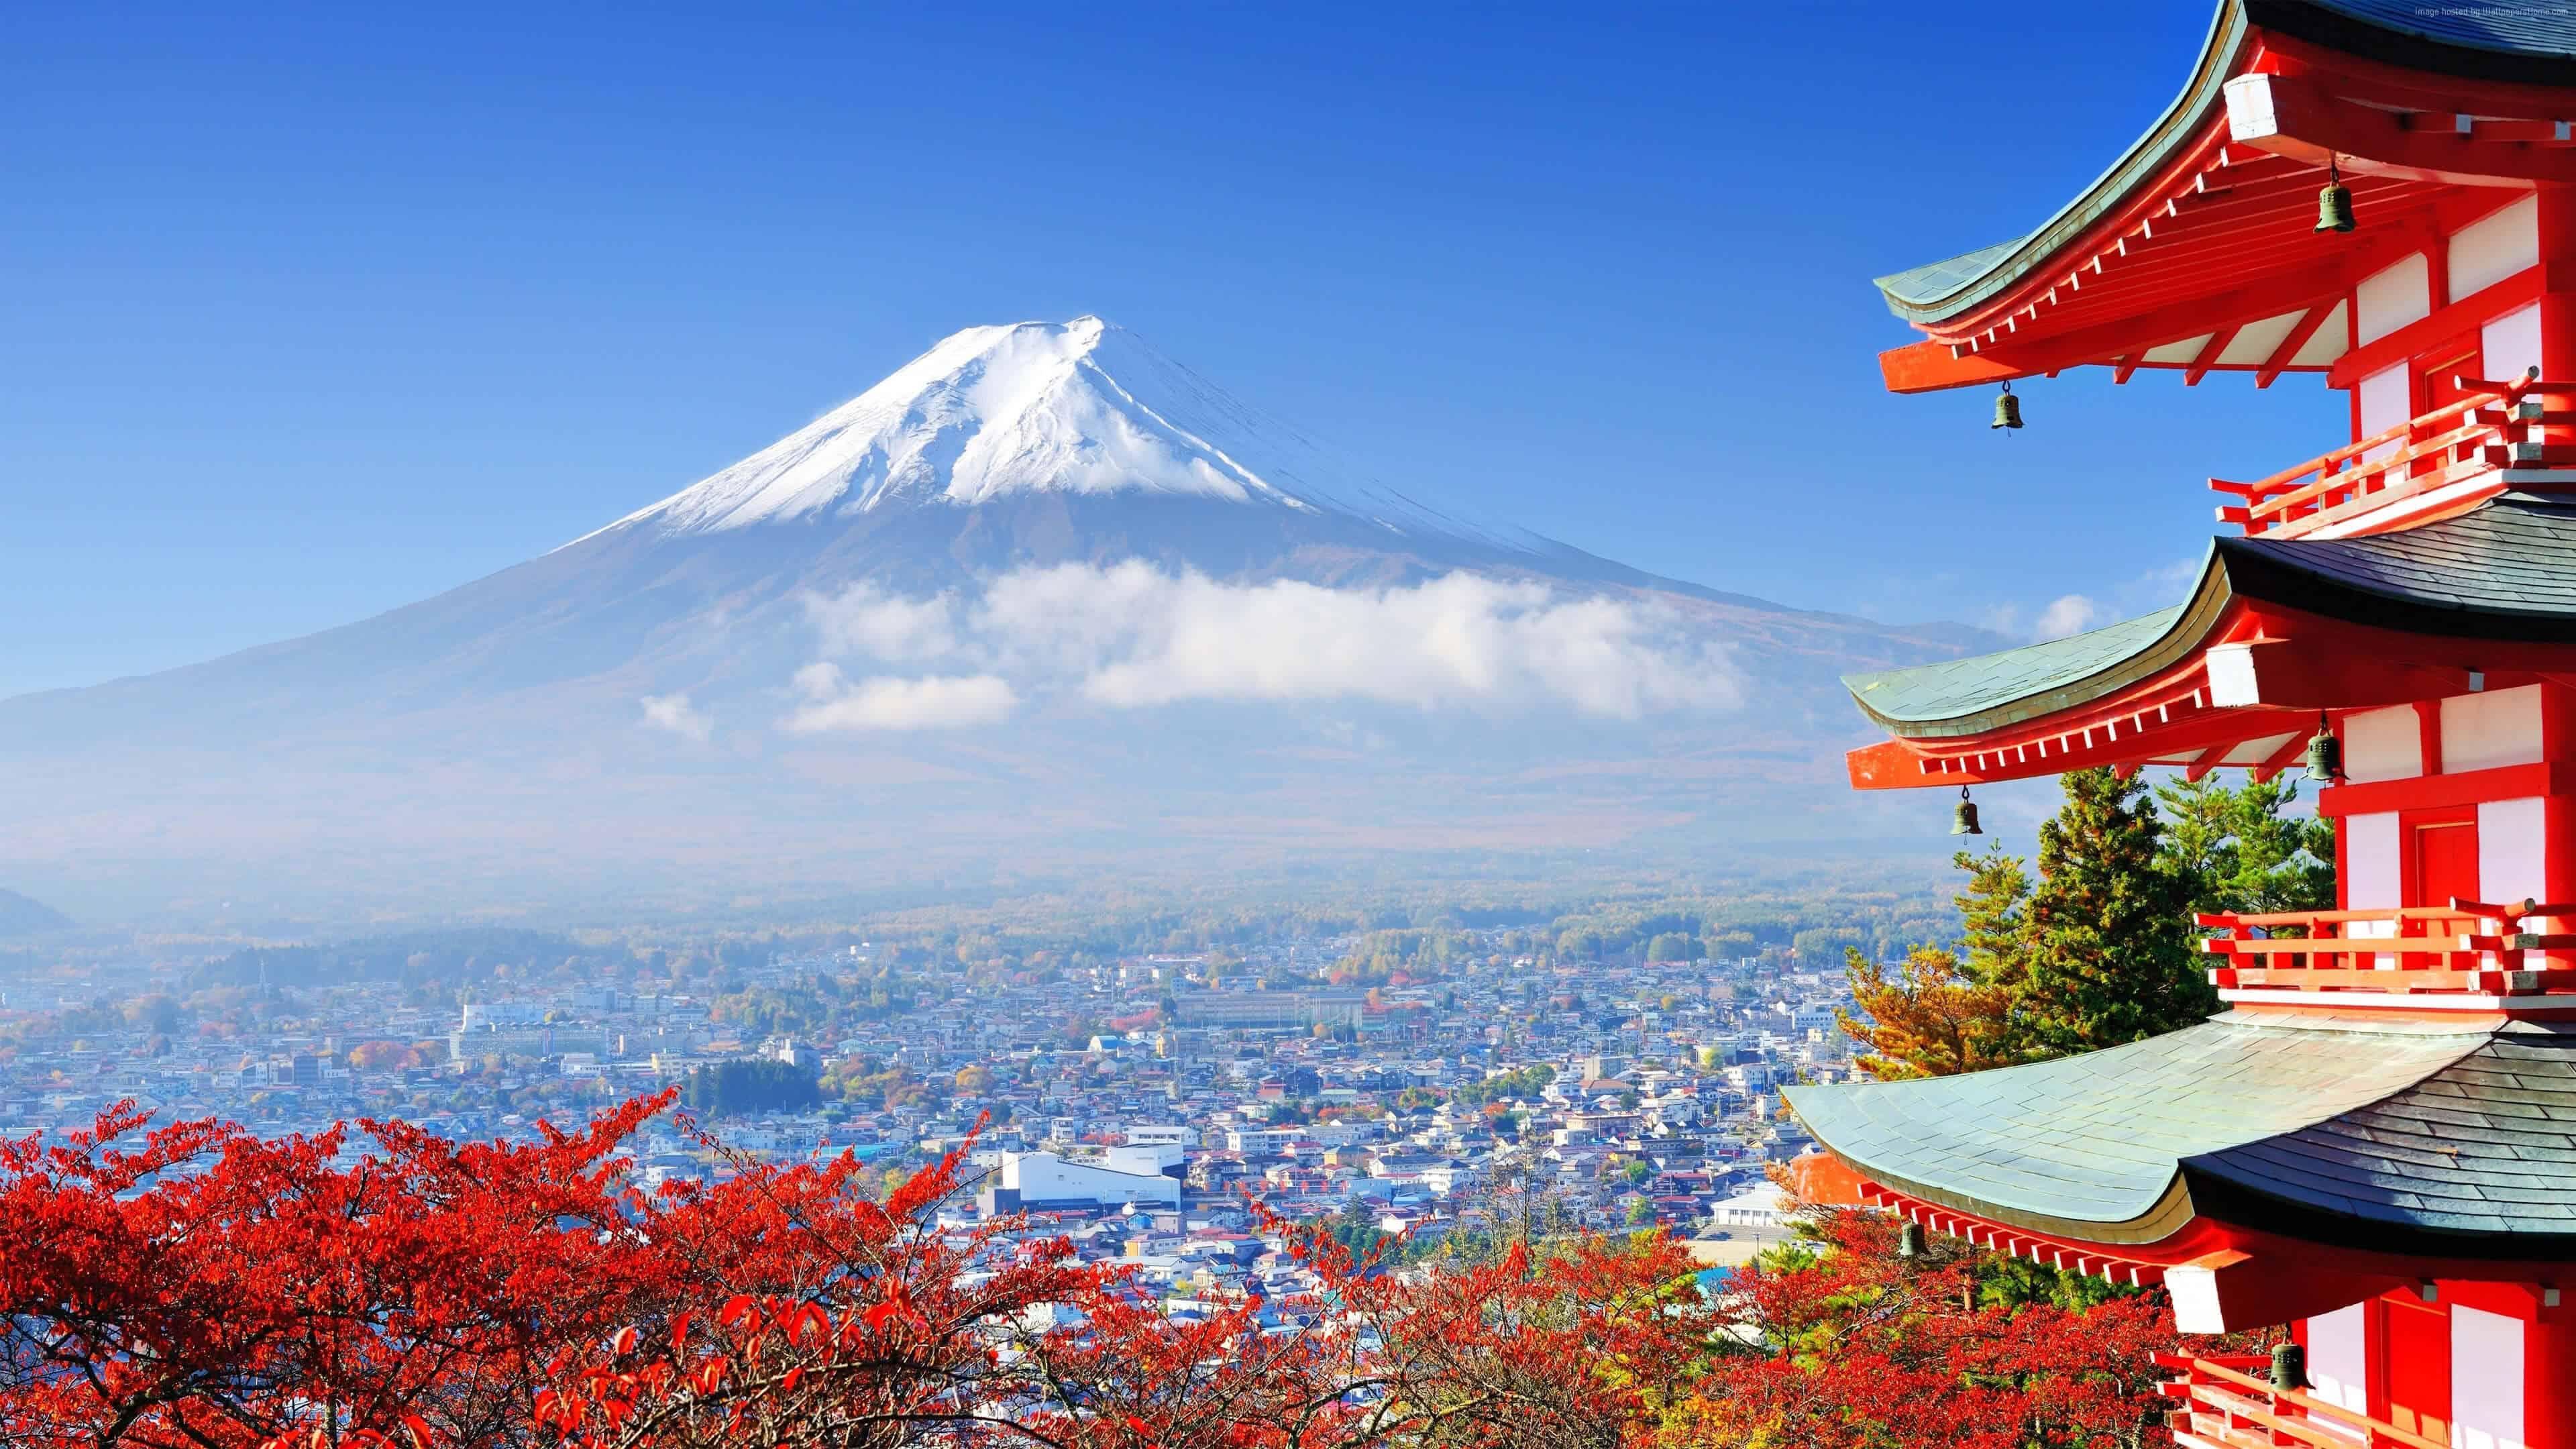 view of mout fuji from red pagoda tokyo japan uhd 4k wallpaperq